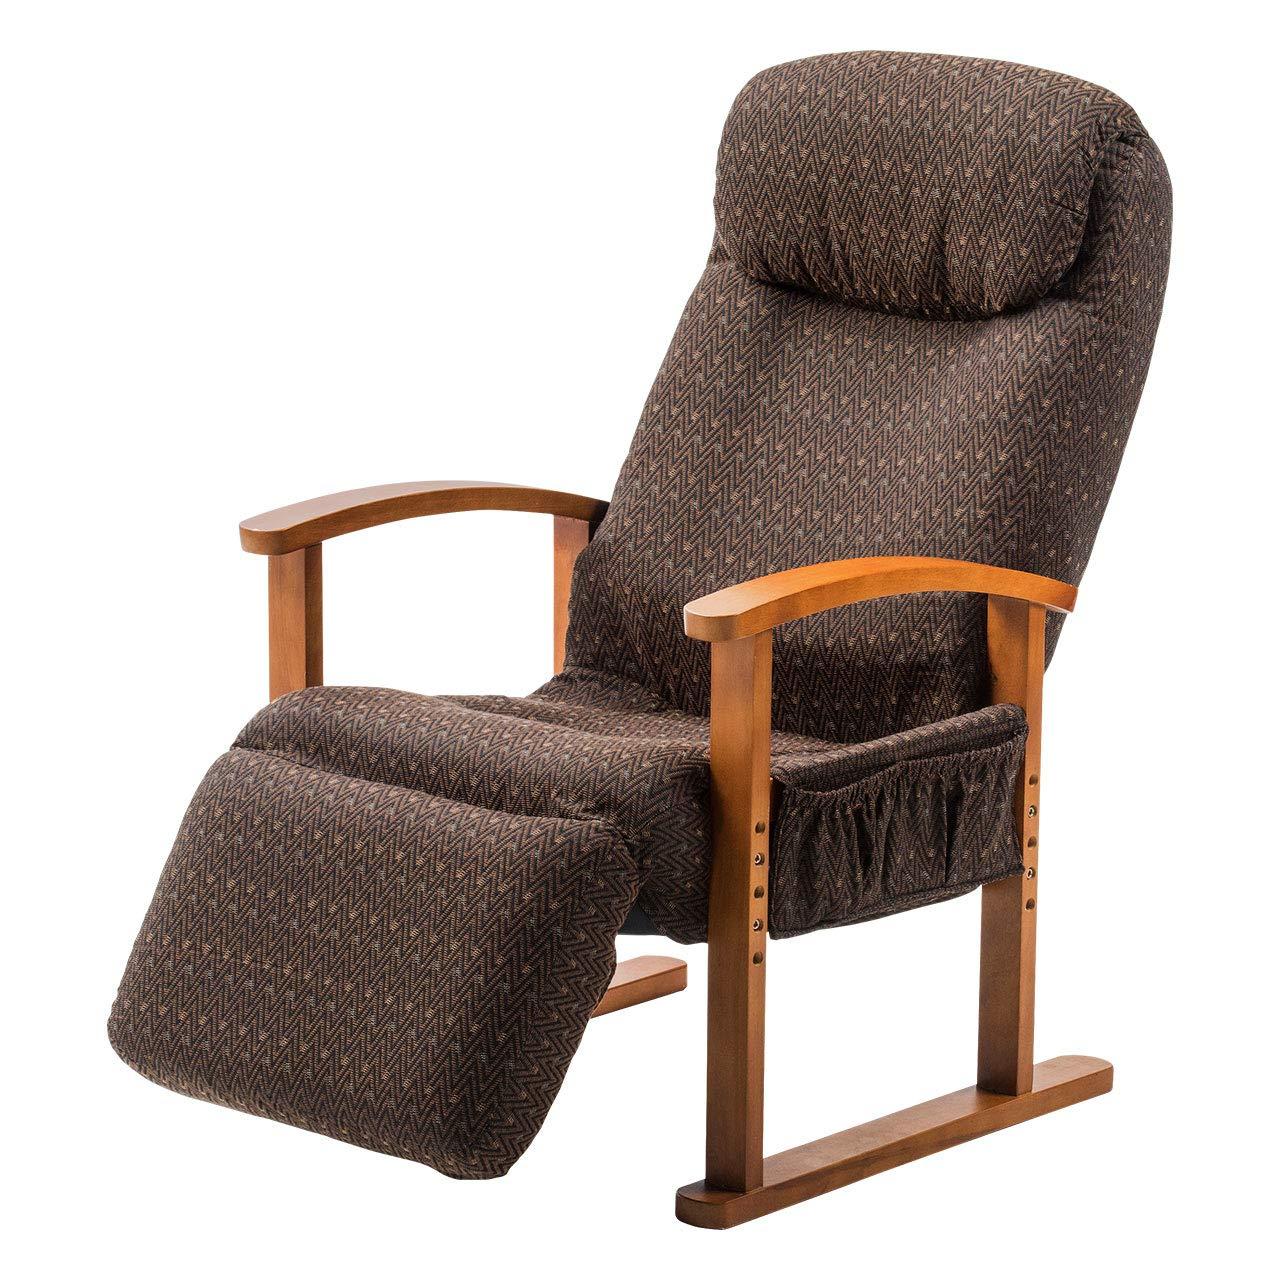 サンワダイレクト 高座椅子 レバー式リクライニング 背もたれ8段階 オットマン14段階角度調整 サイドポケット付 ハイバック オットマン ブラウン 150-SNCH025 B07P6HFGX3